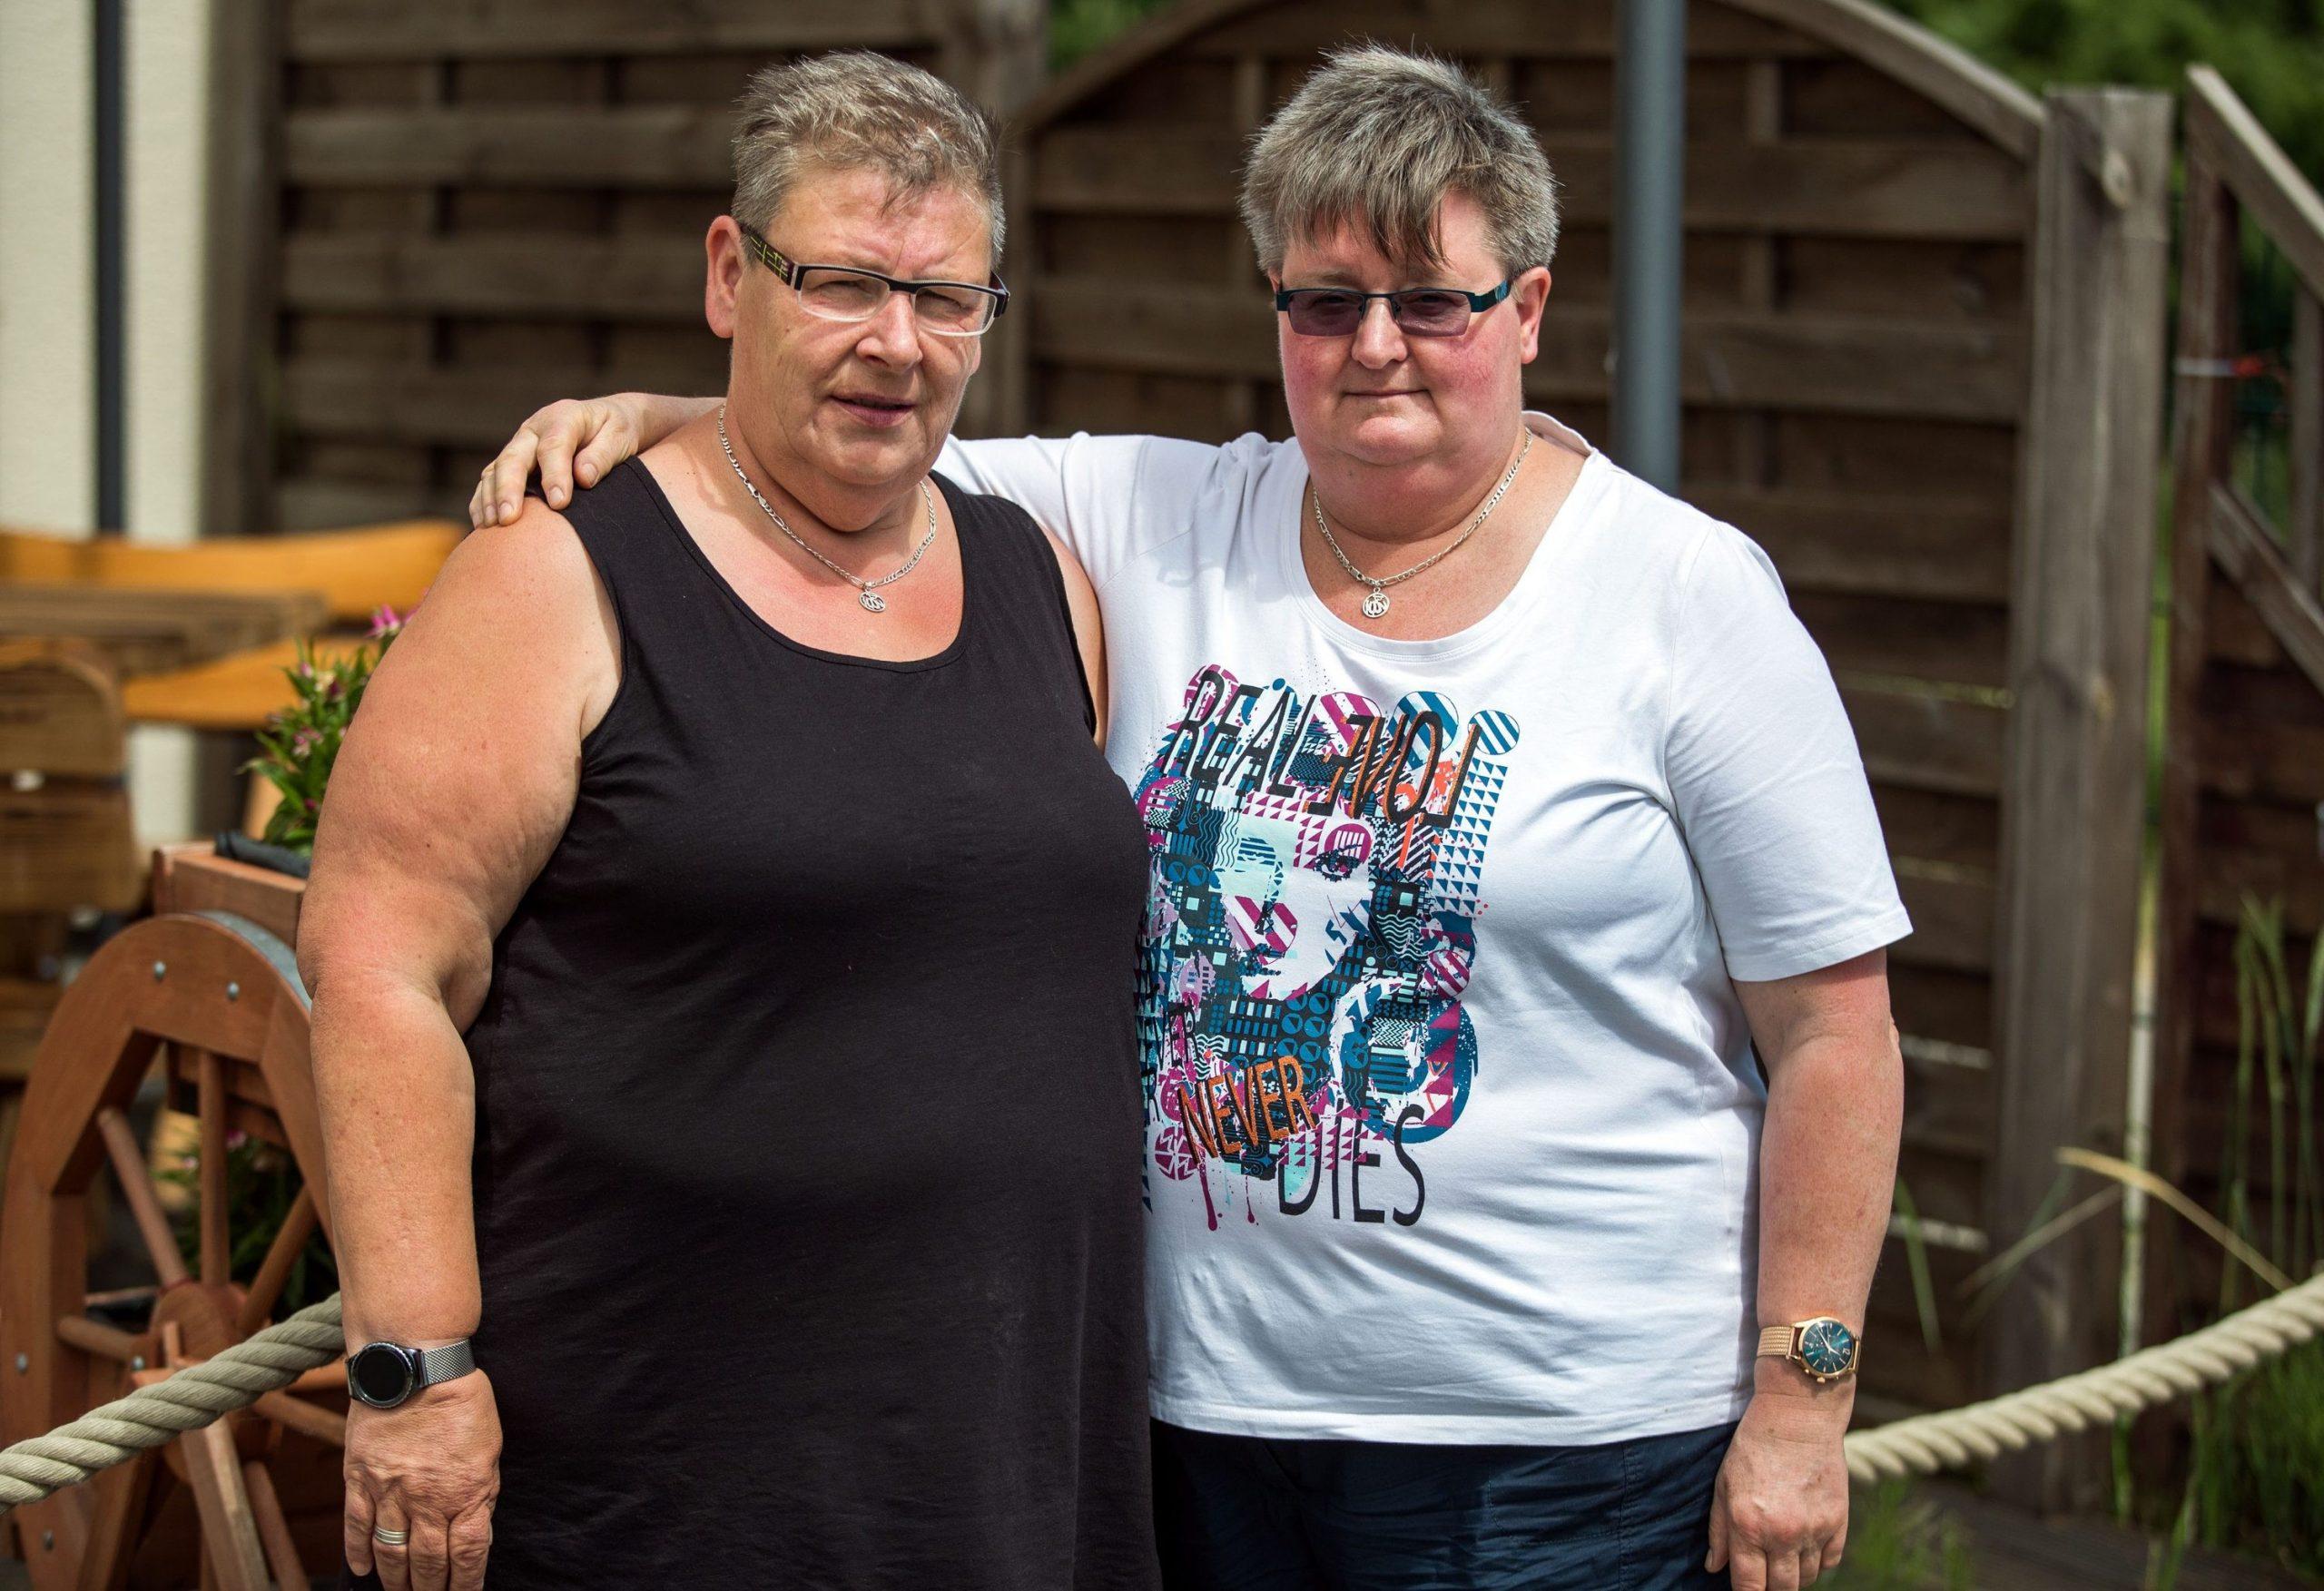 Ehe Für Alle Das Lesbische Paar Das Die Kanzlerin